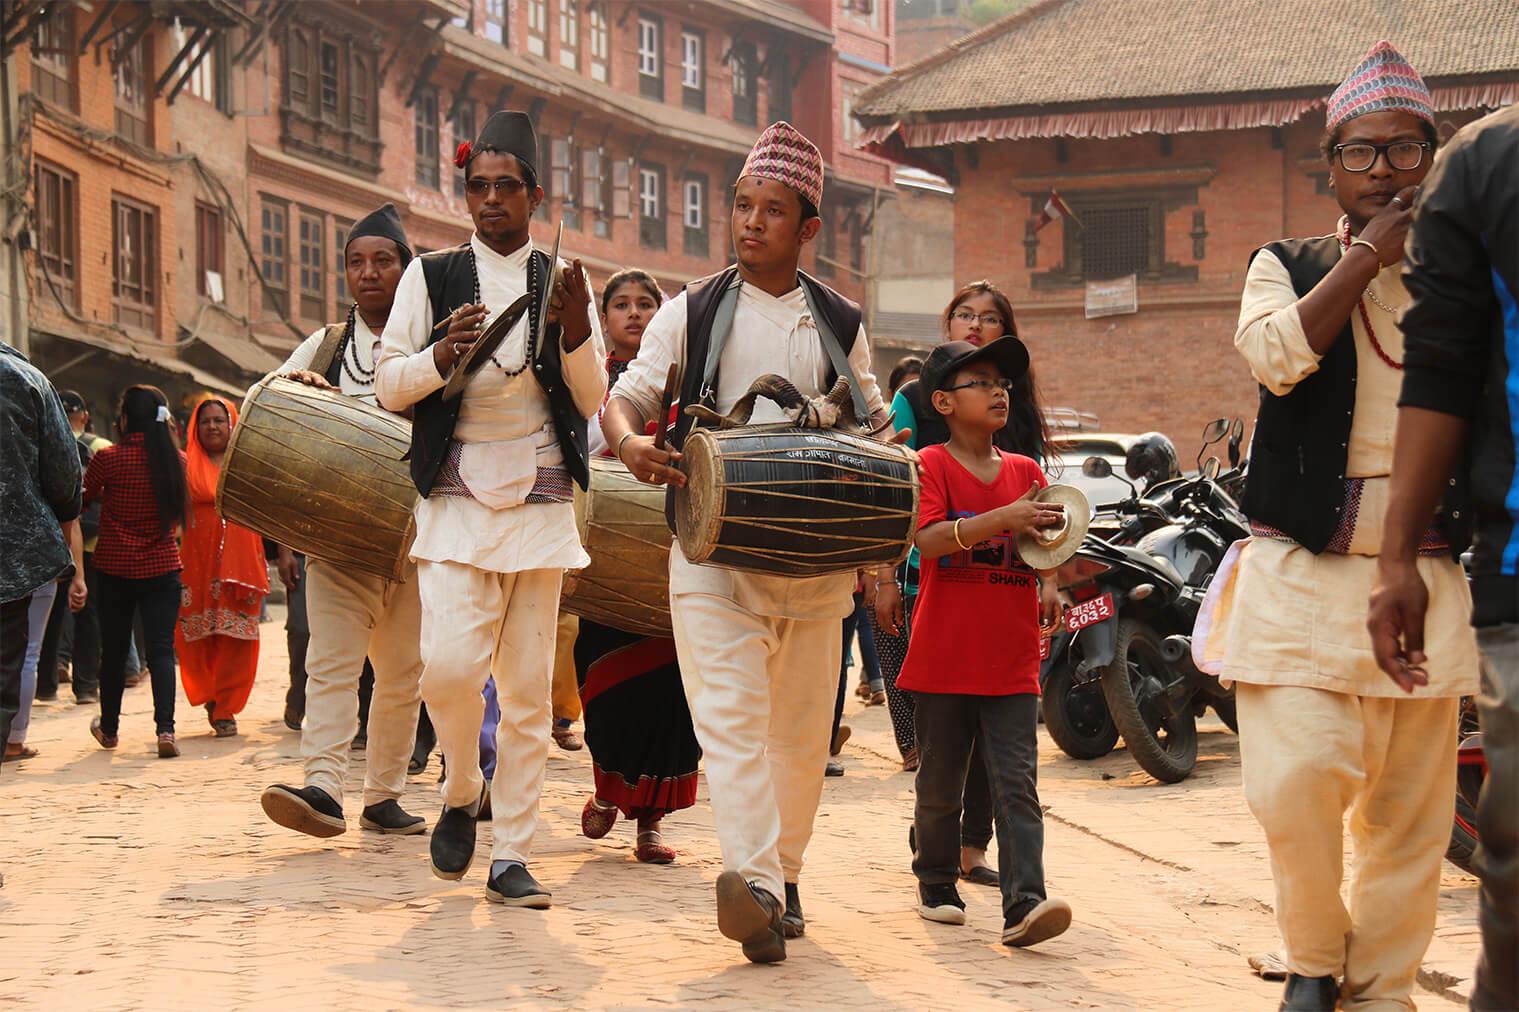 Hudobníci prechádzajú cez mesto